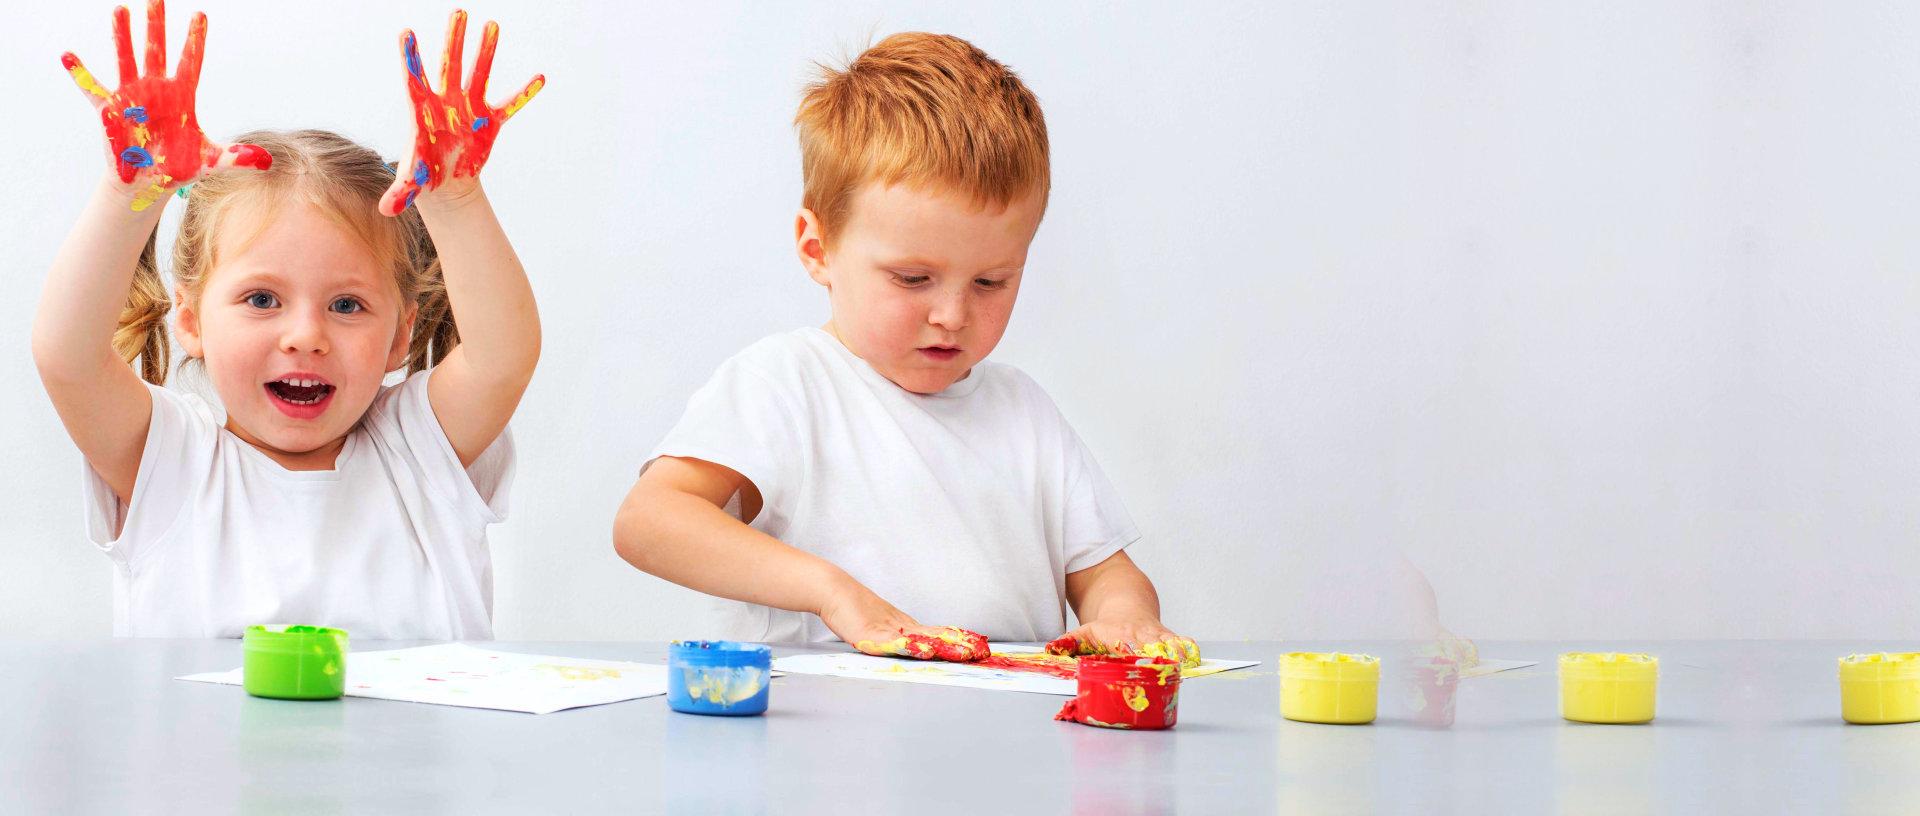 children having art work